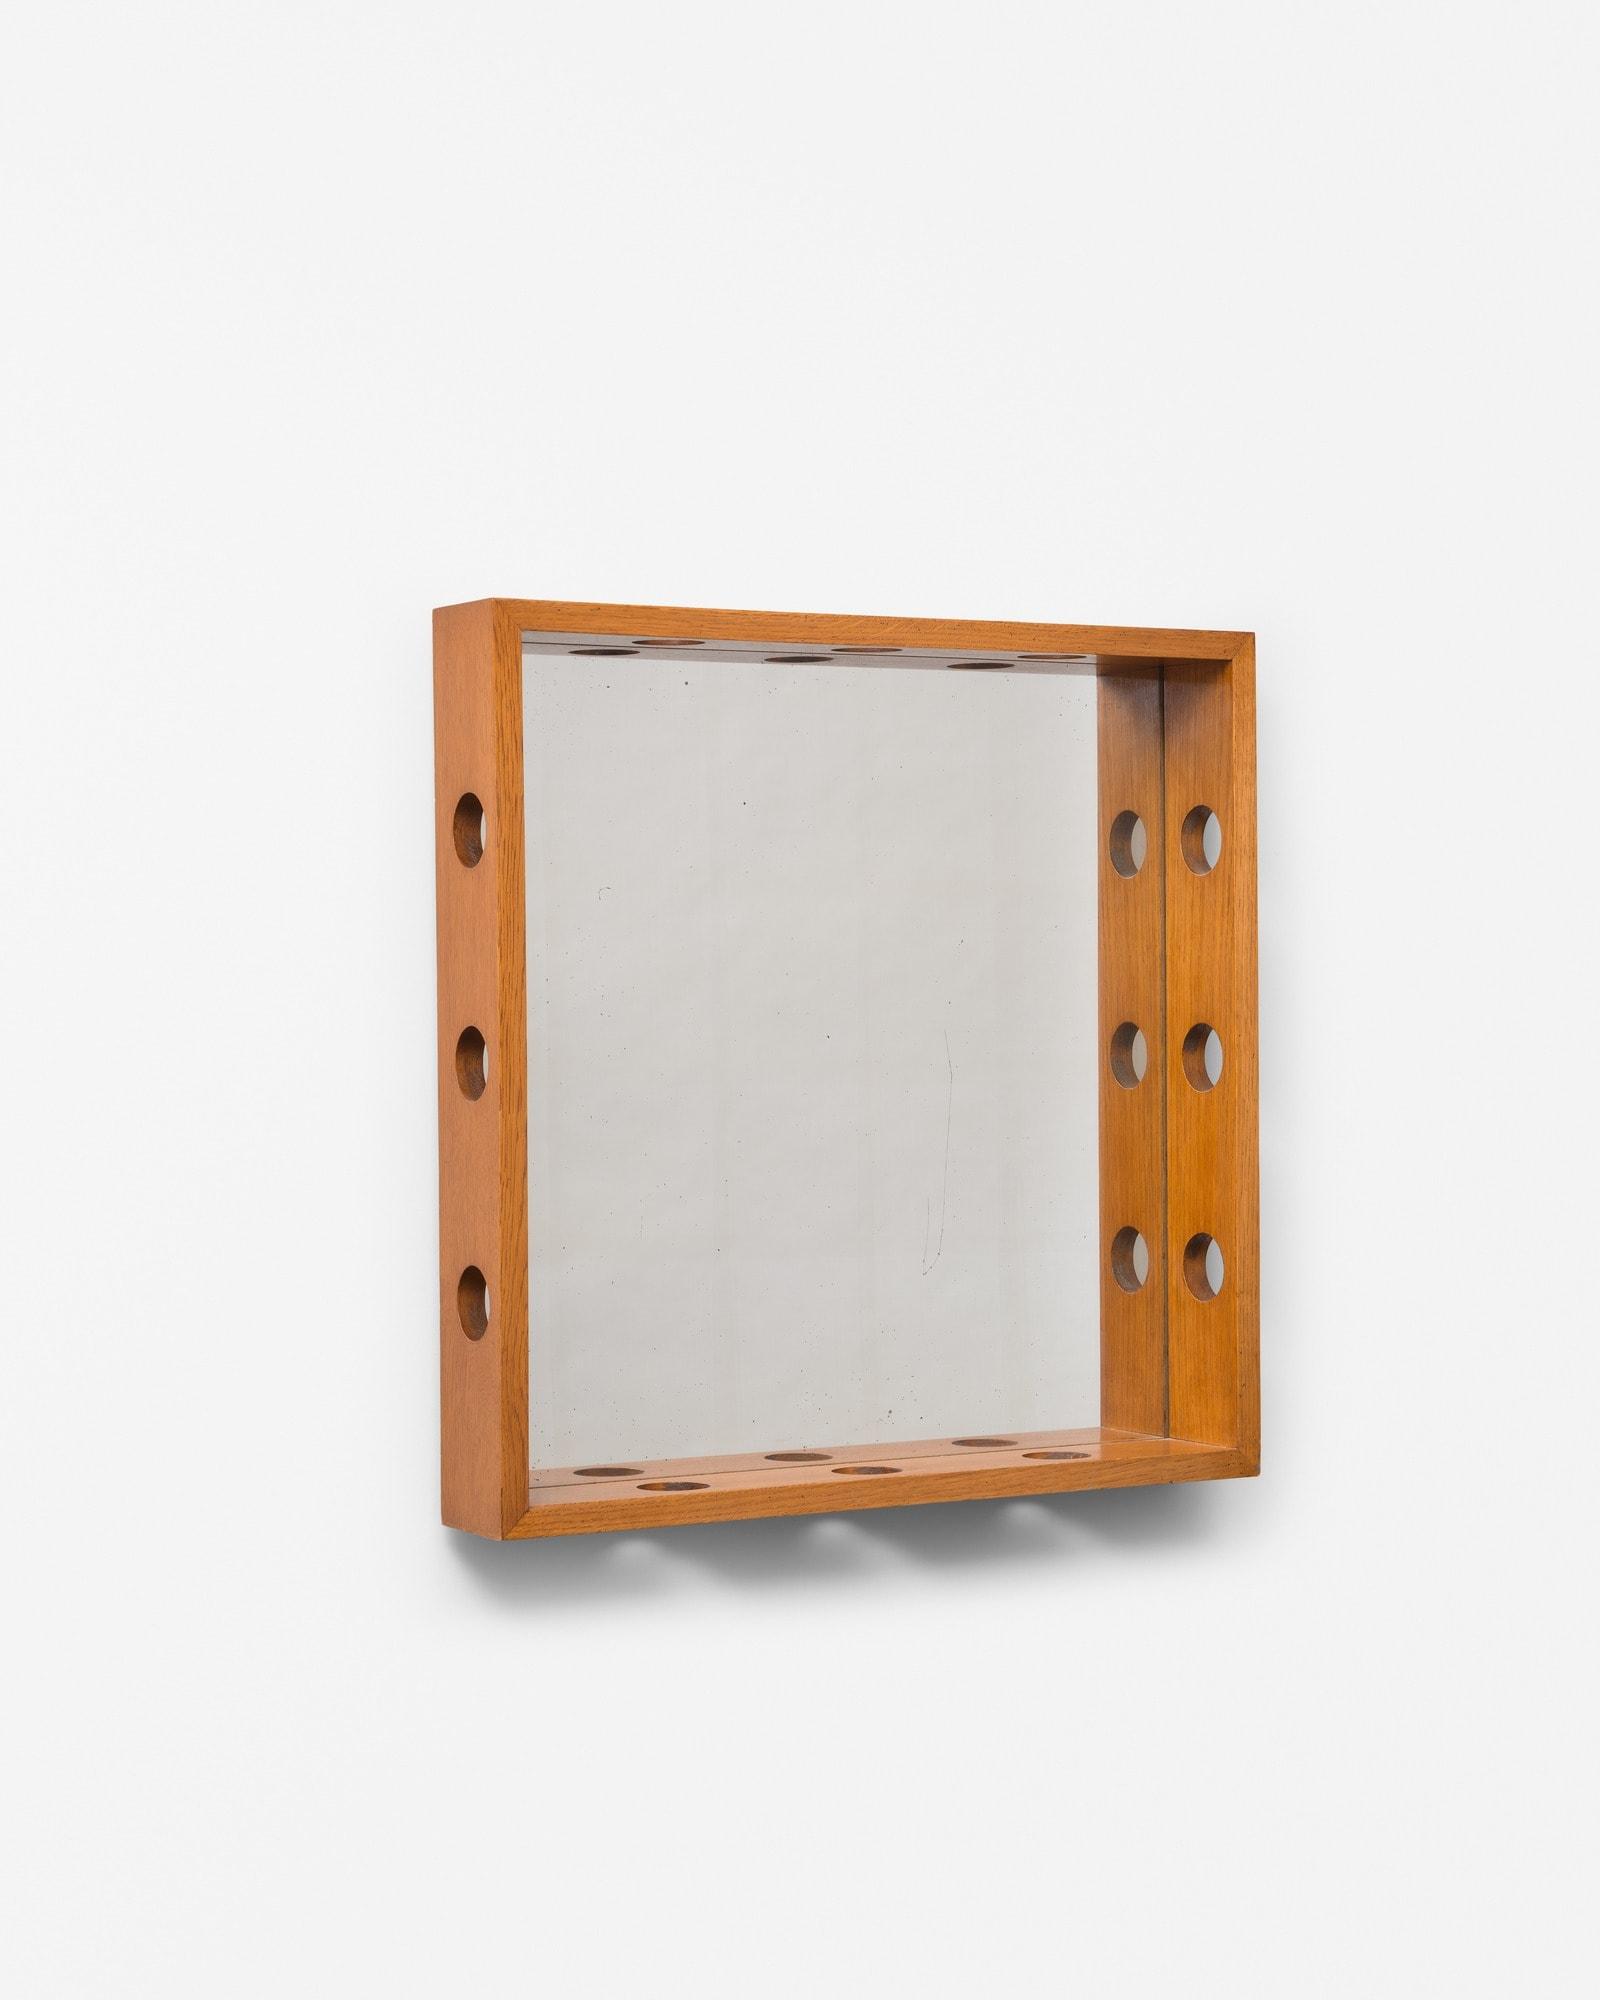 Jean Royère, Rare miroir en bois, vue 01